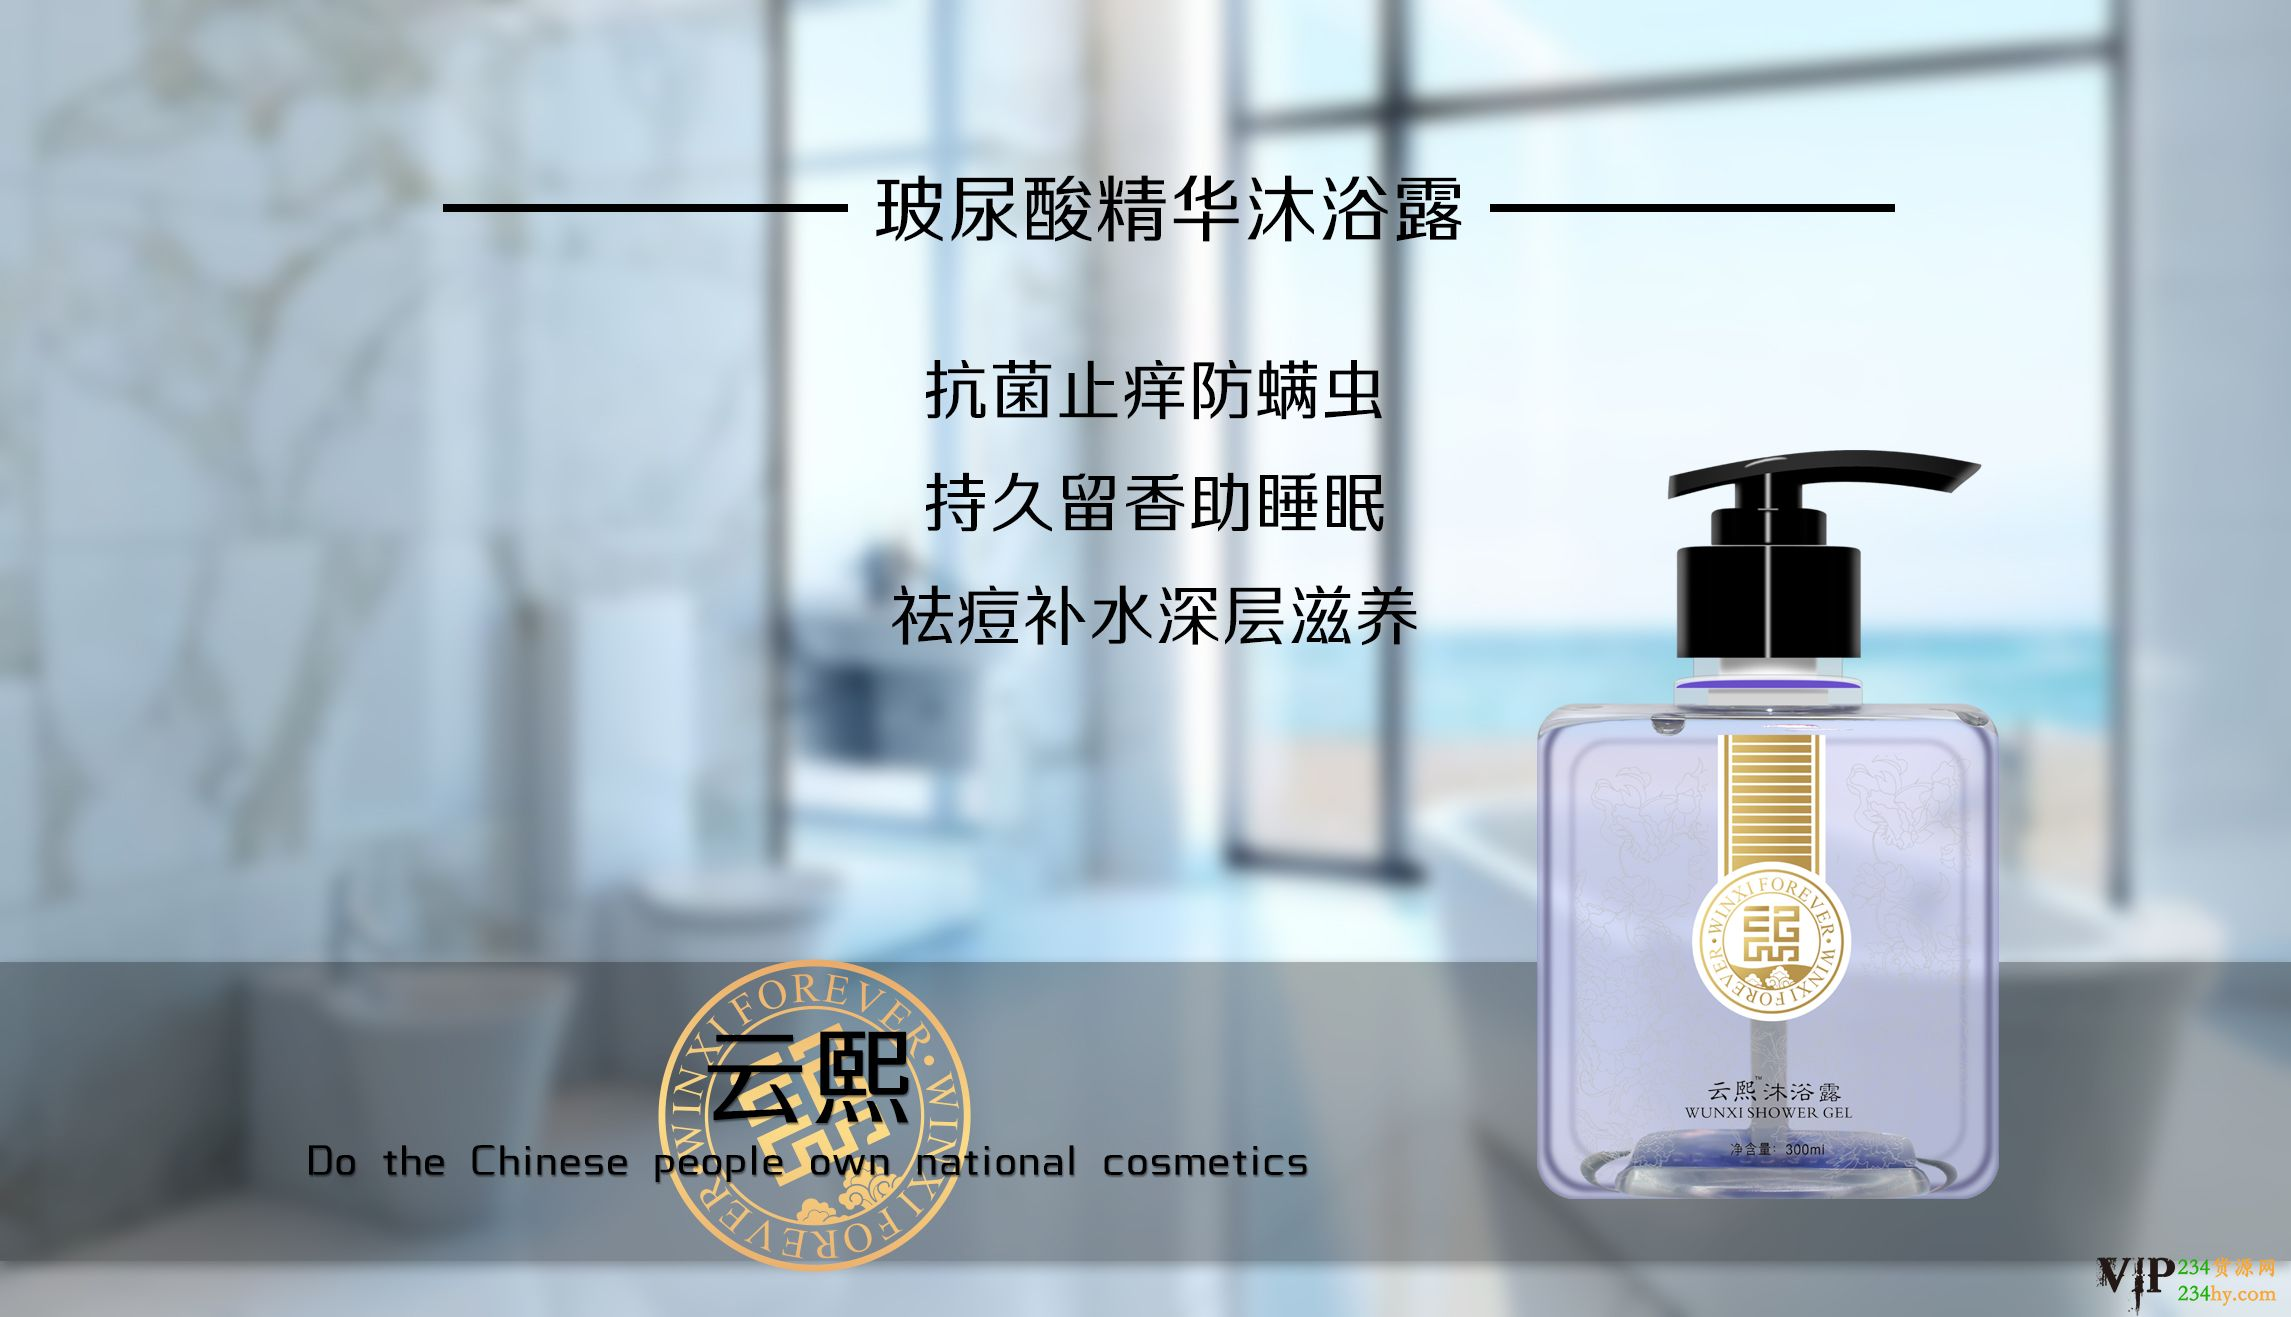 这是第3张云熙化妆品诚邀加盟代理的货源图片